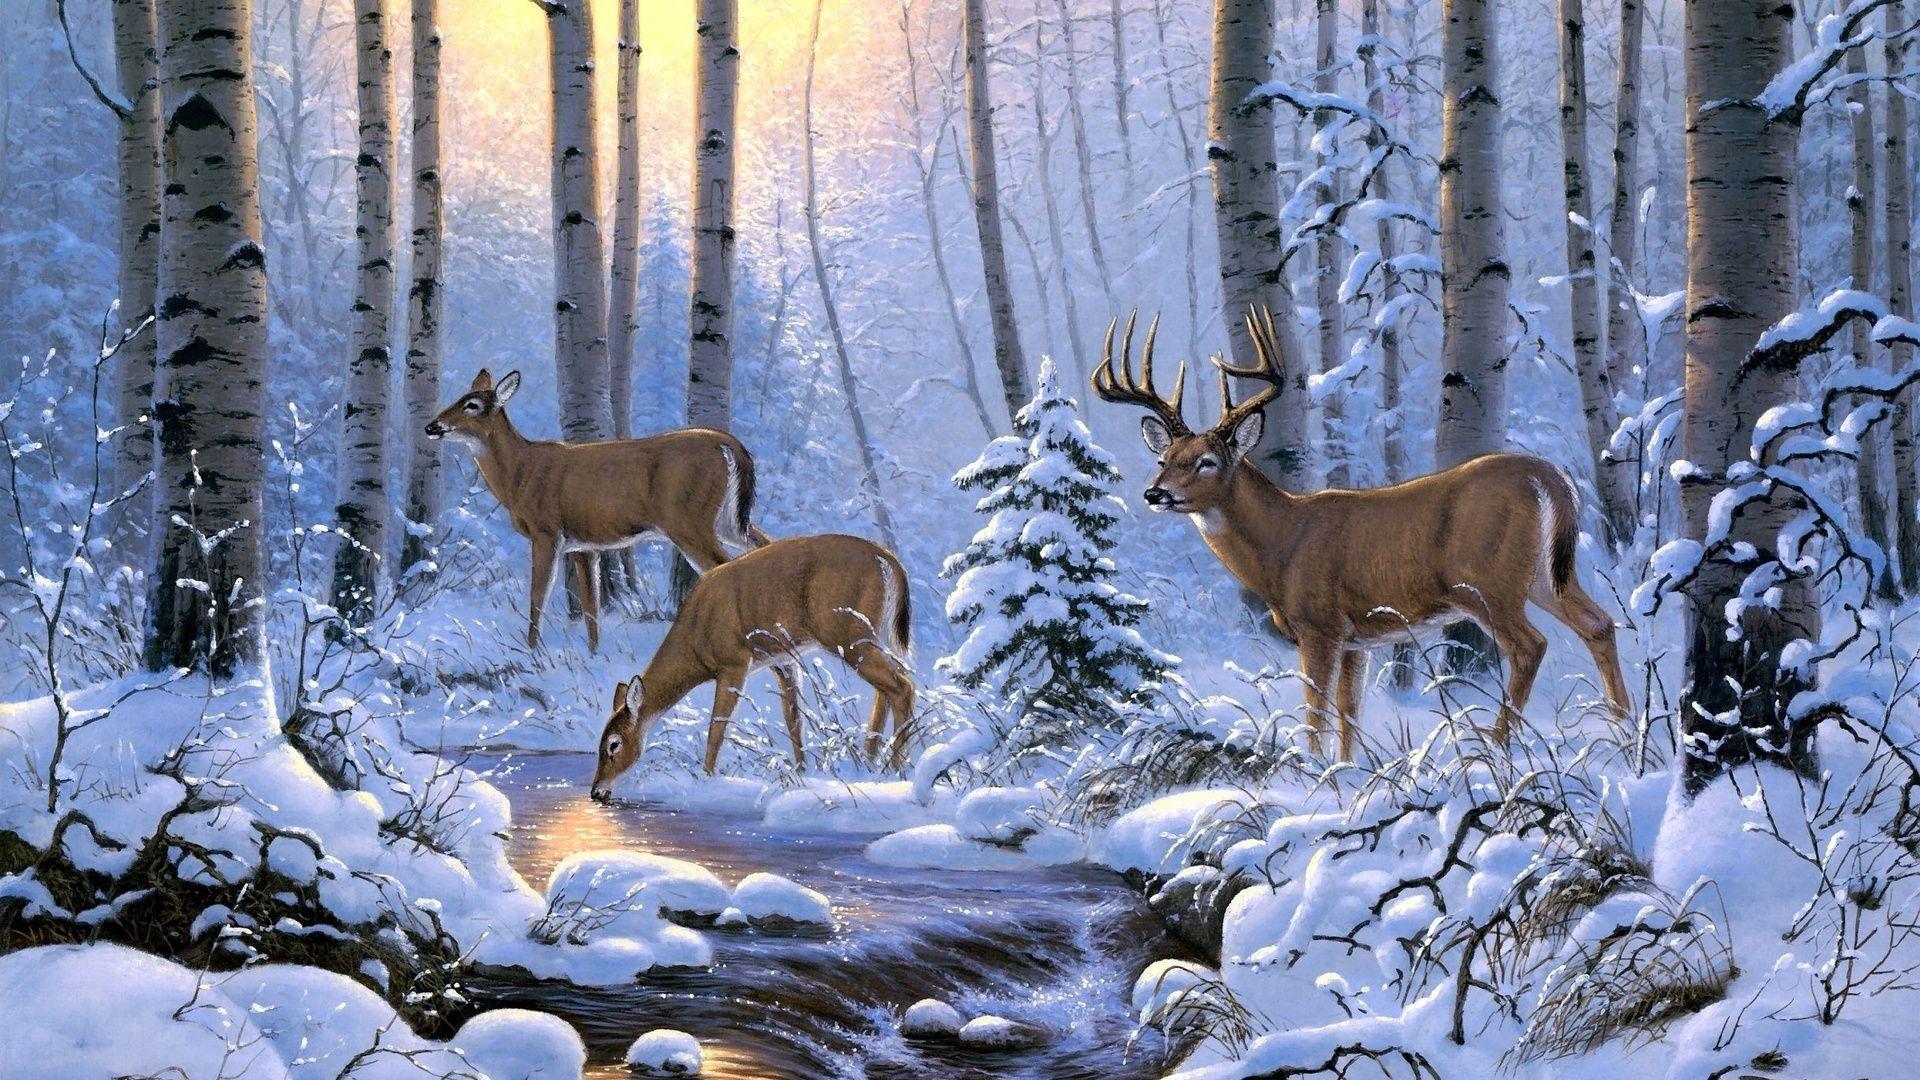 Deer In Winter Forest 2